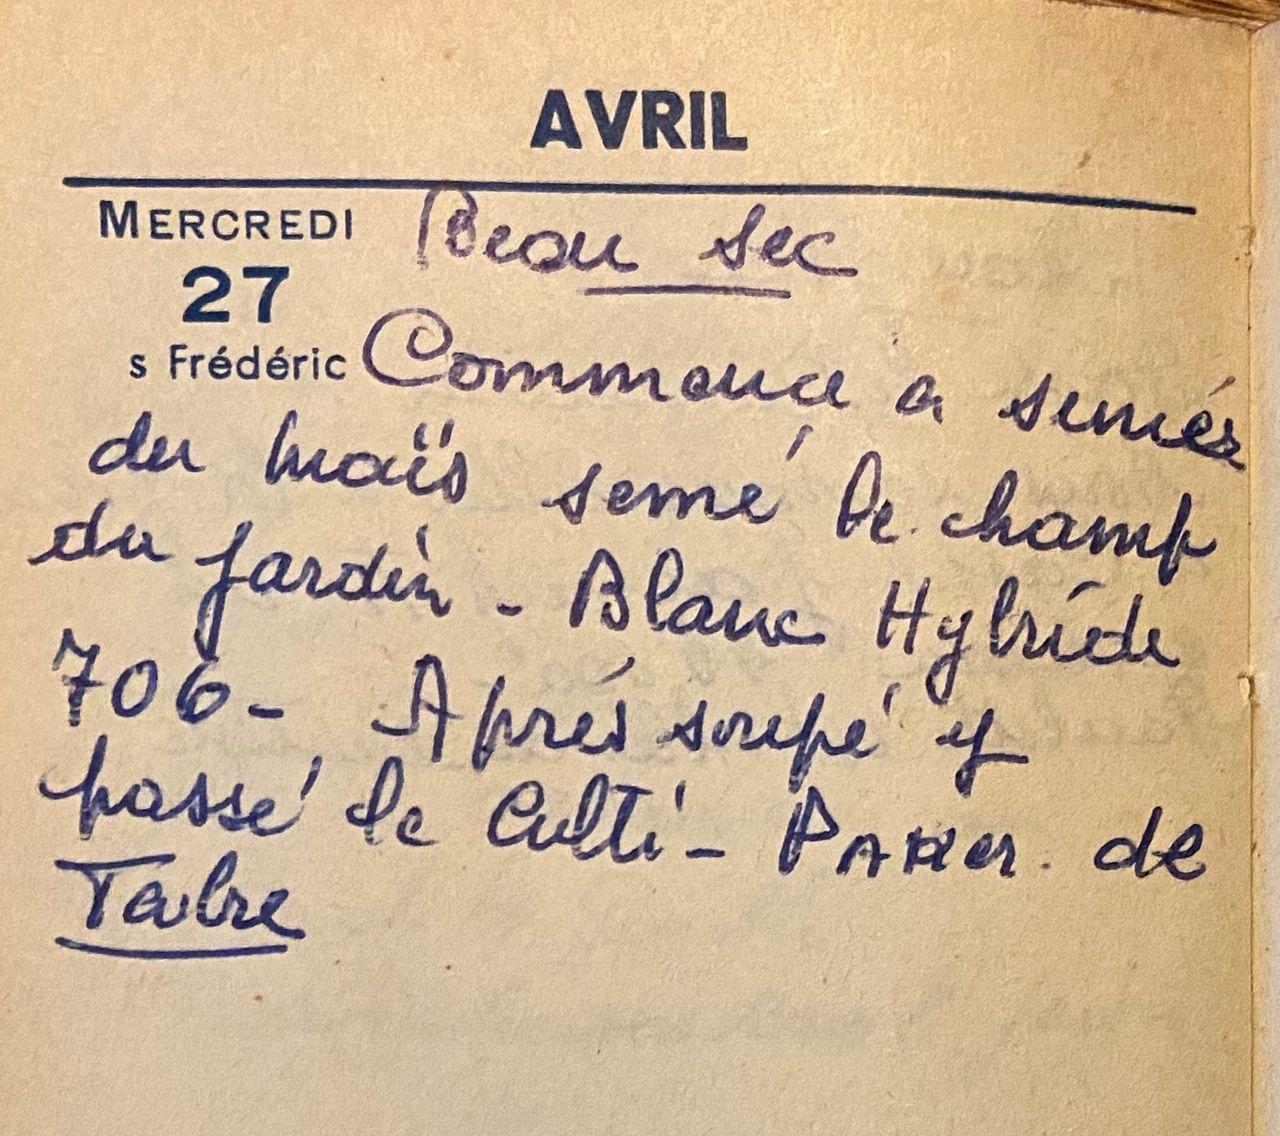 Mercredi 27 avril 1960 - le début des semis de maïs